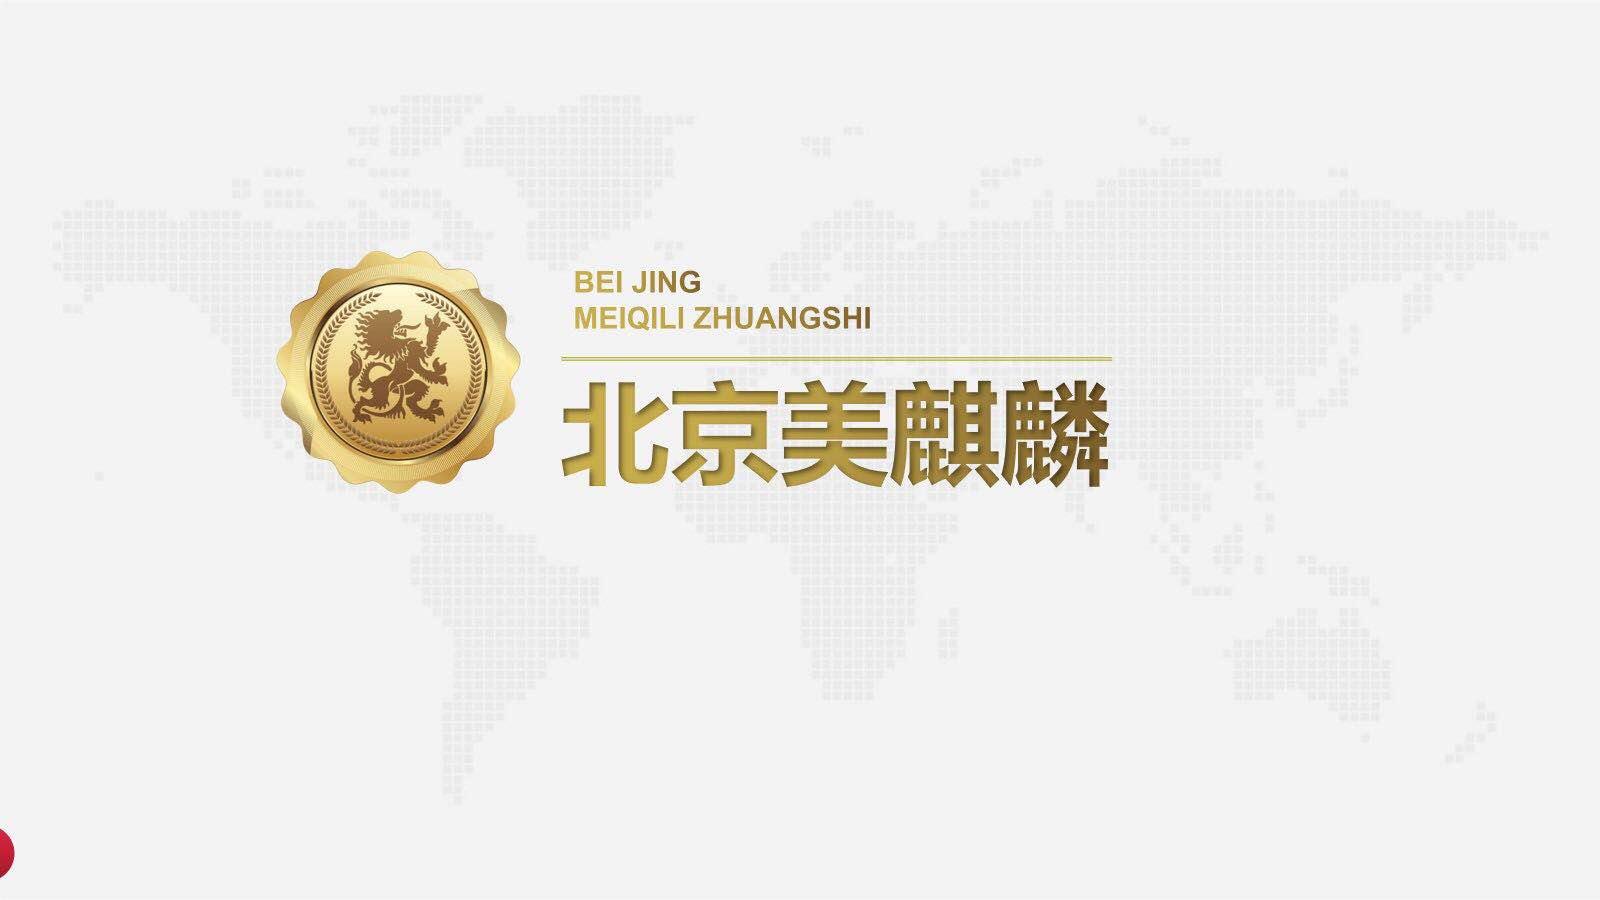 北京美麒麟装饰工程有限公司长春分公司